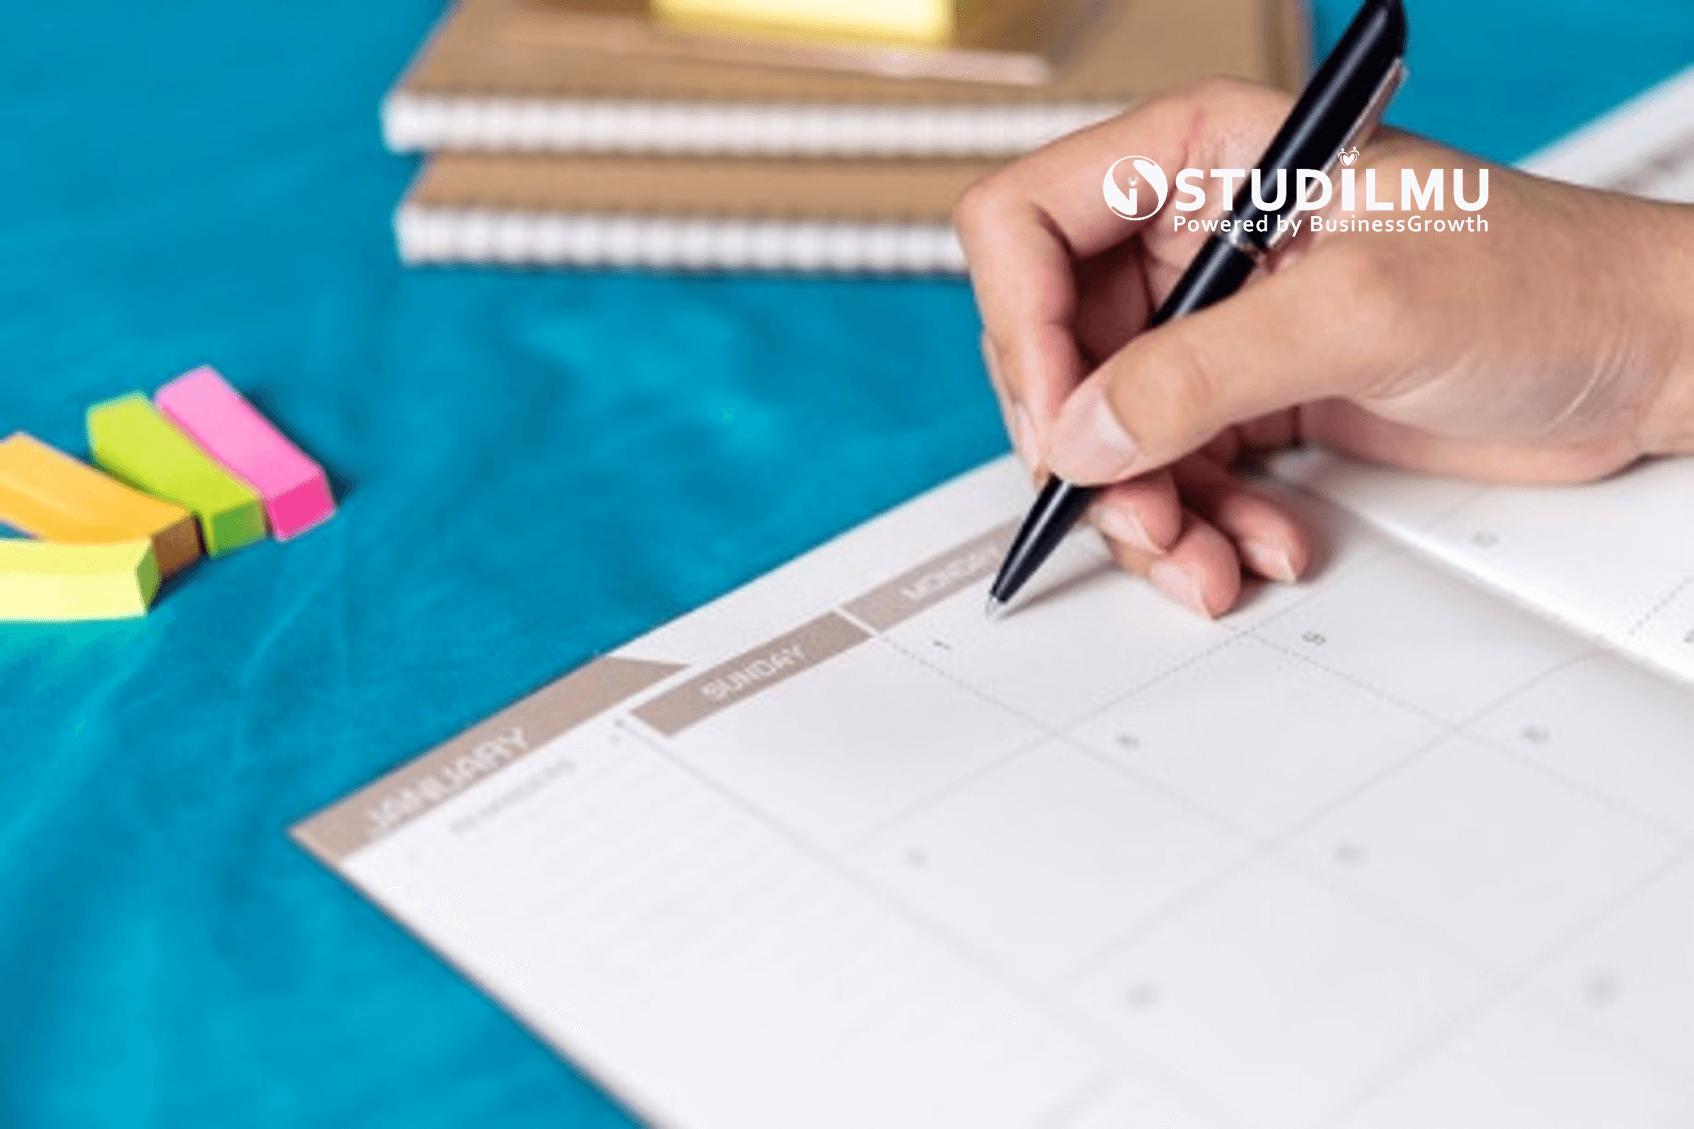 STUDILMU Career Advice - 15 Tips Manajemen Waktu yang Baik untuk Meraih Tujuan Hidup